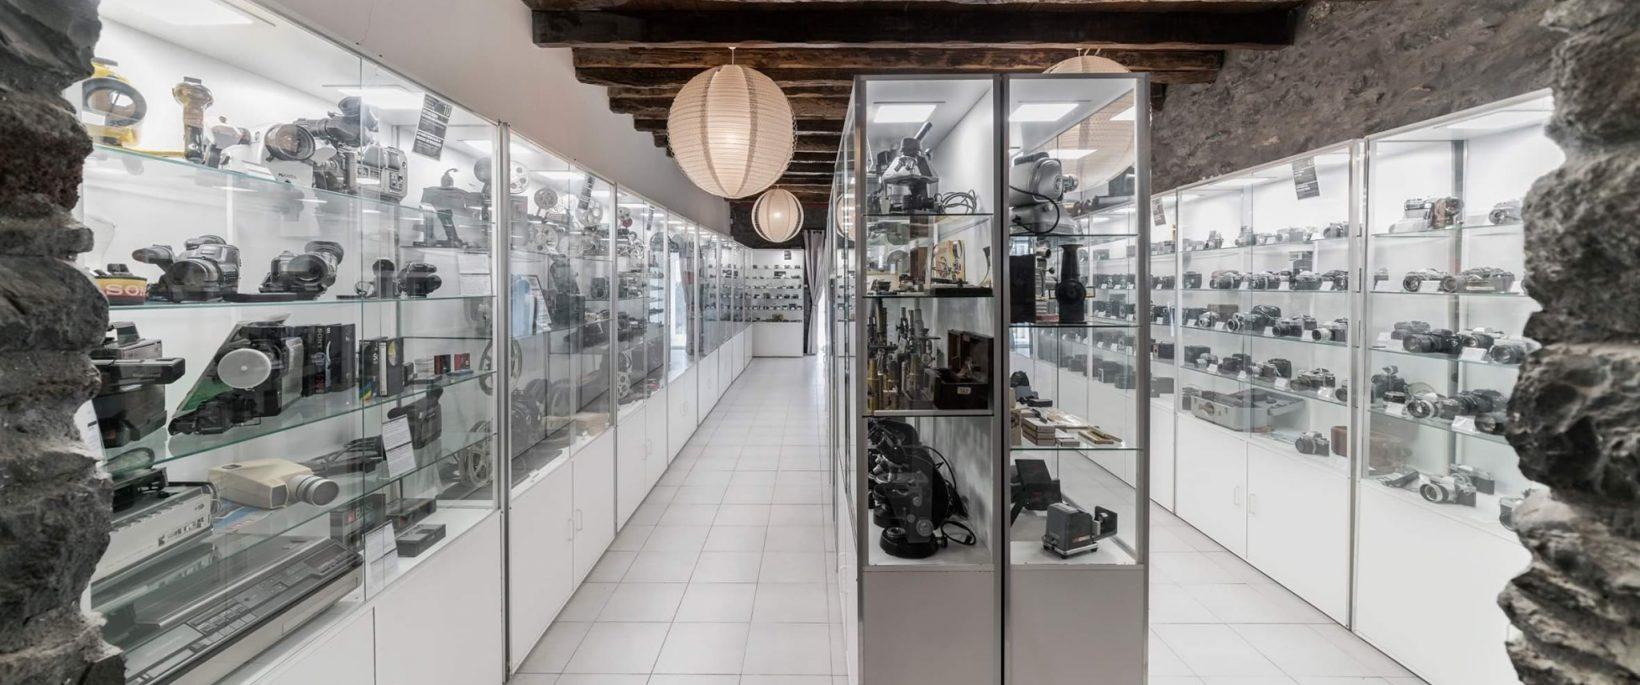 Museu de Óptica da Madeira